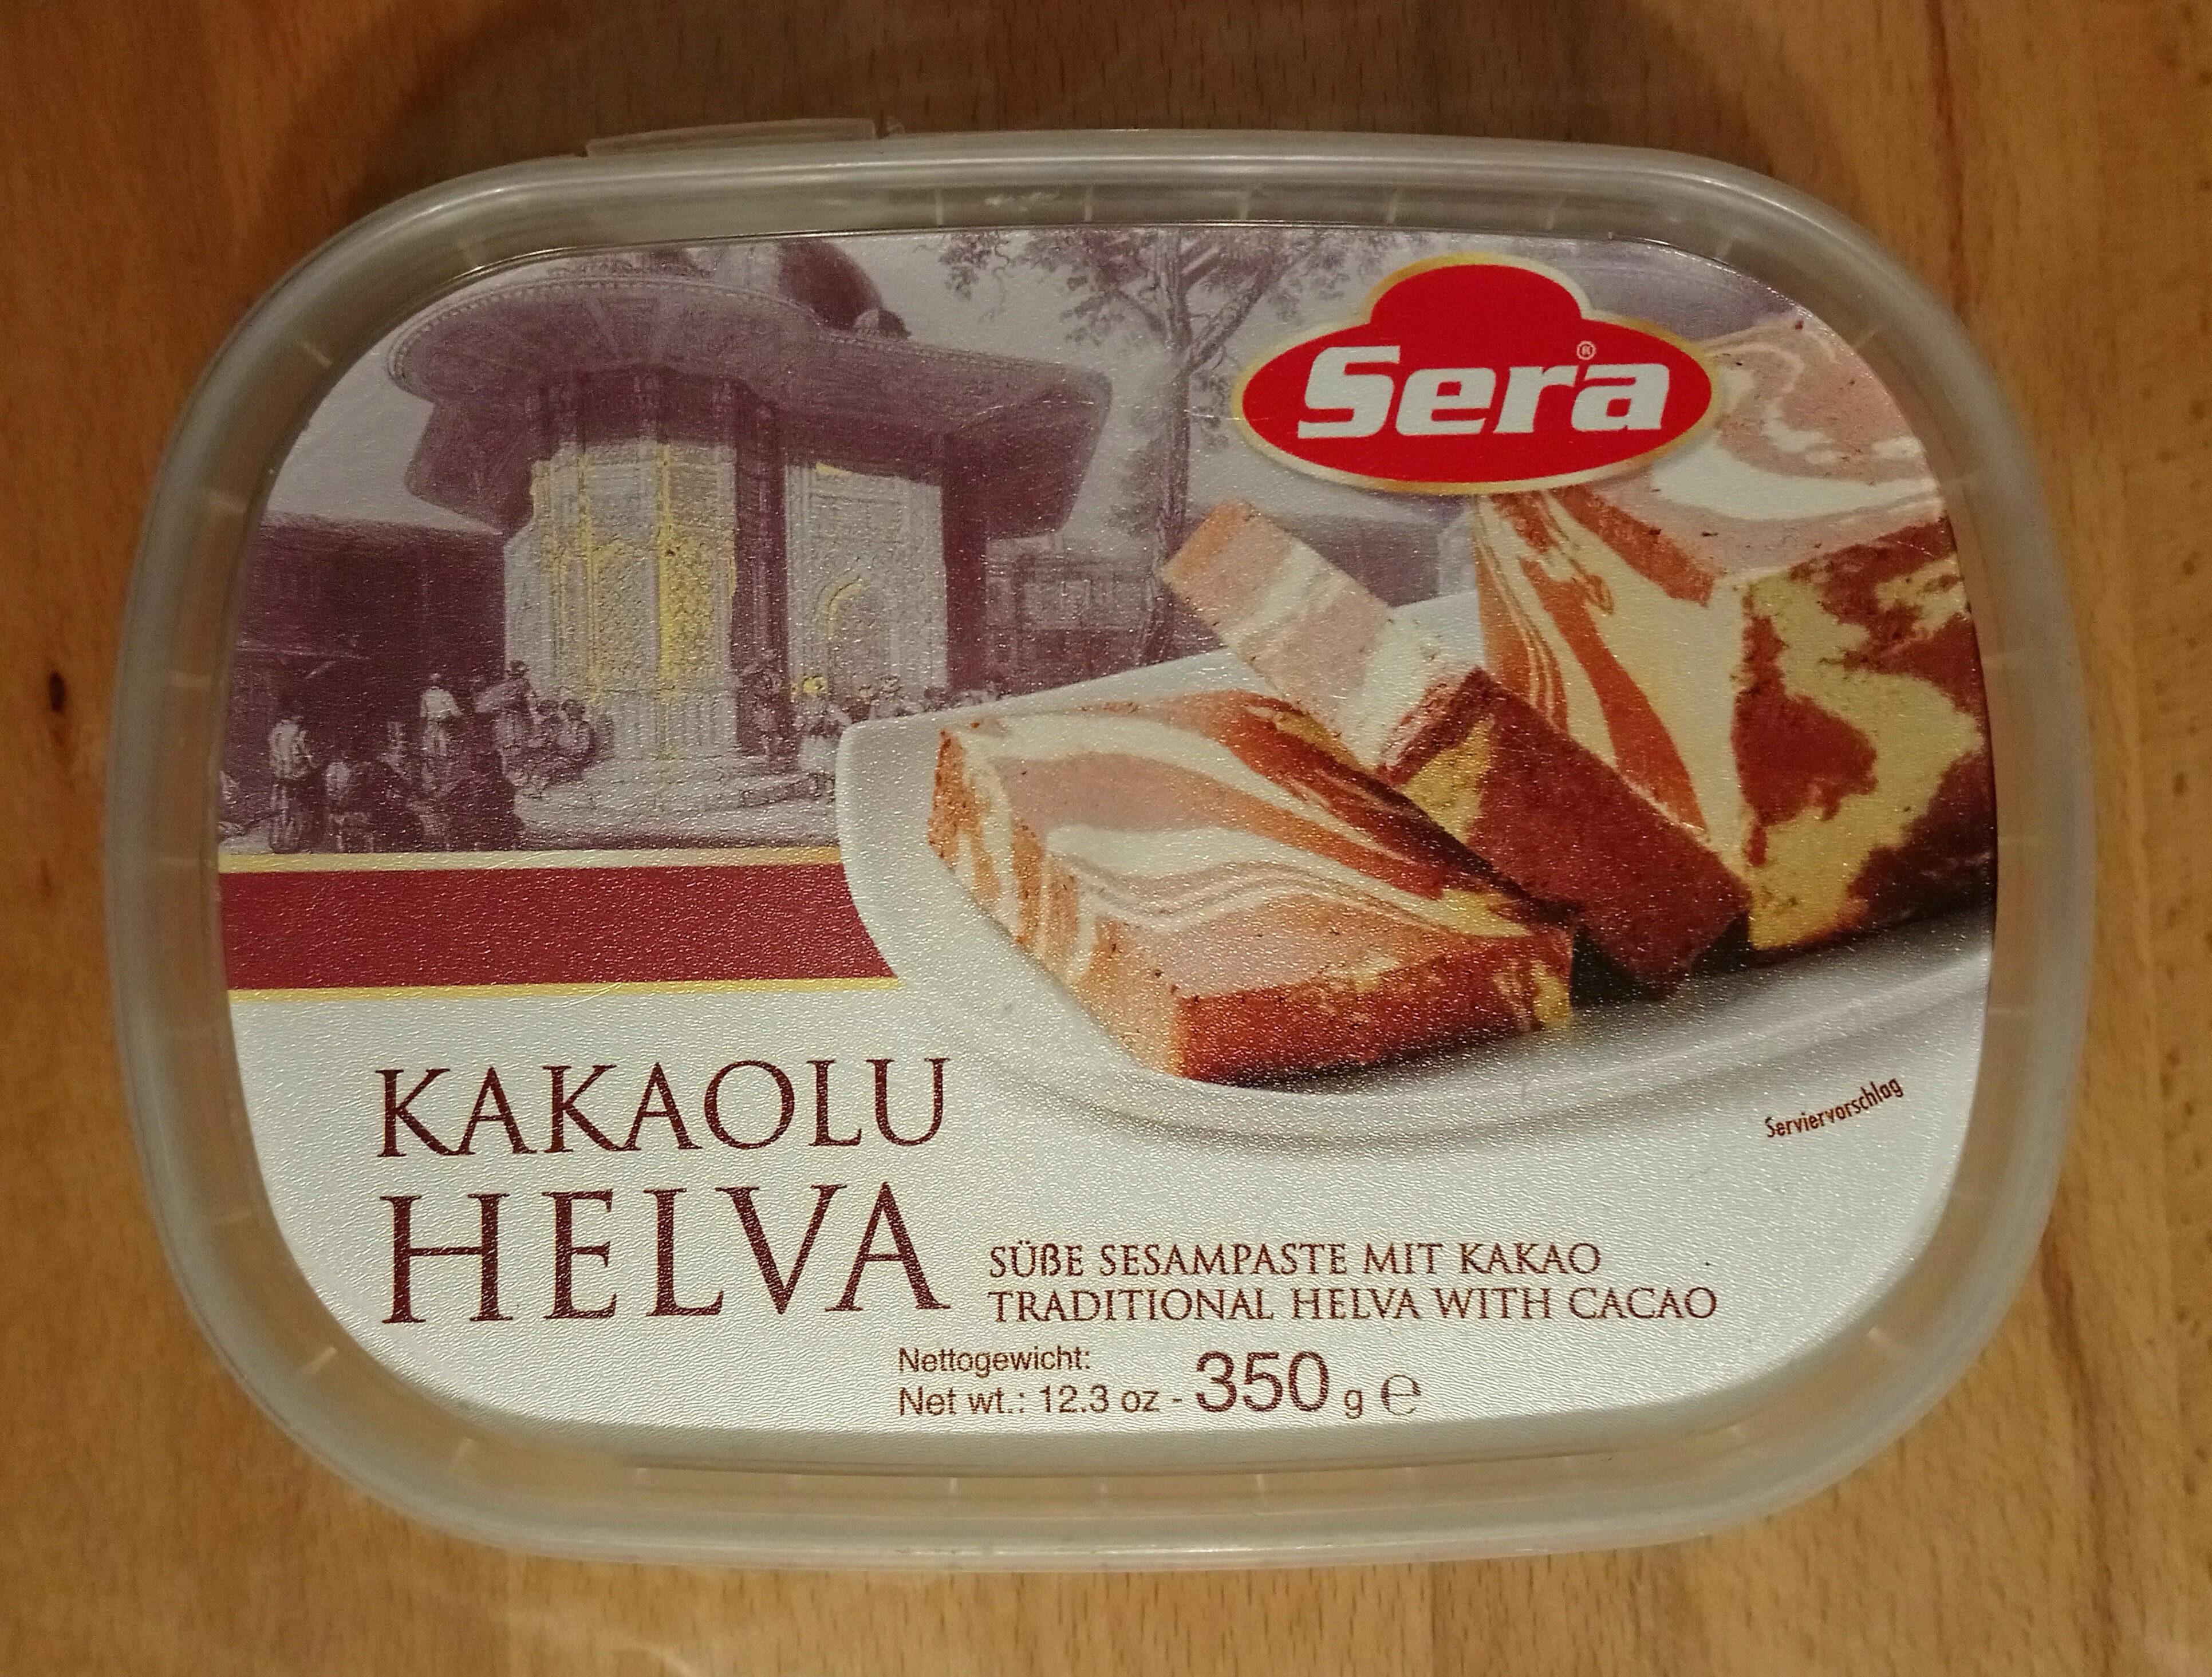 Halva Au Cacao - Sera - Produkt - de